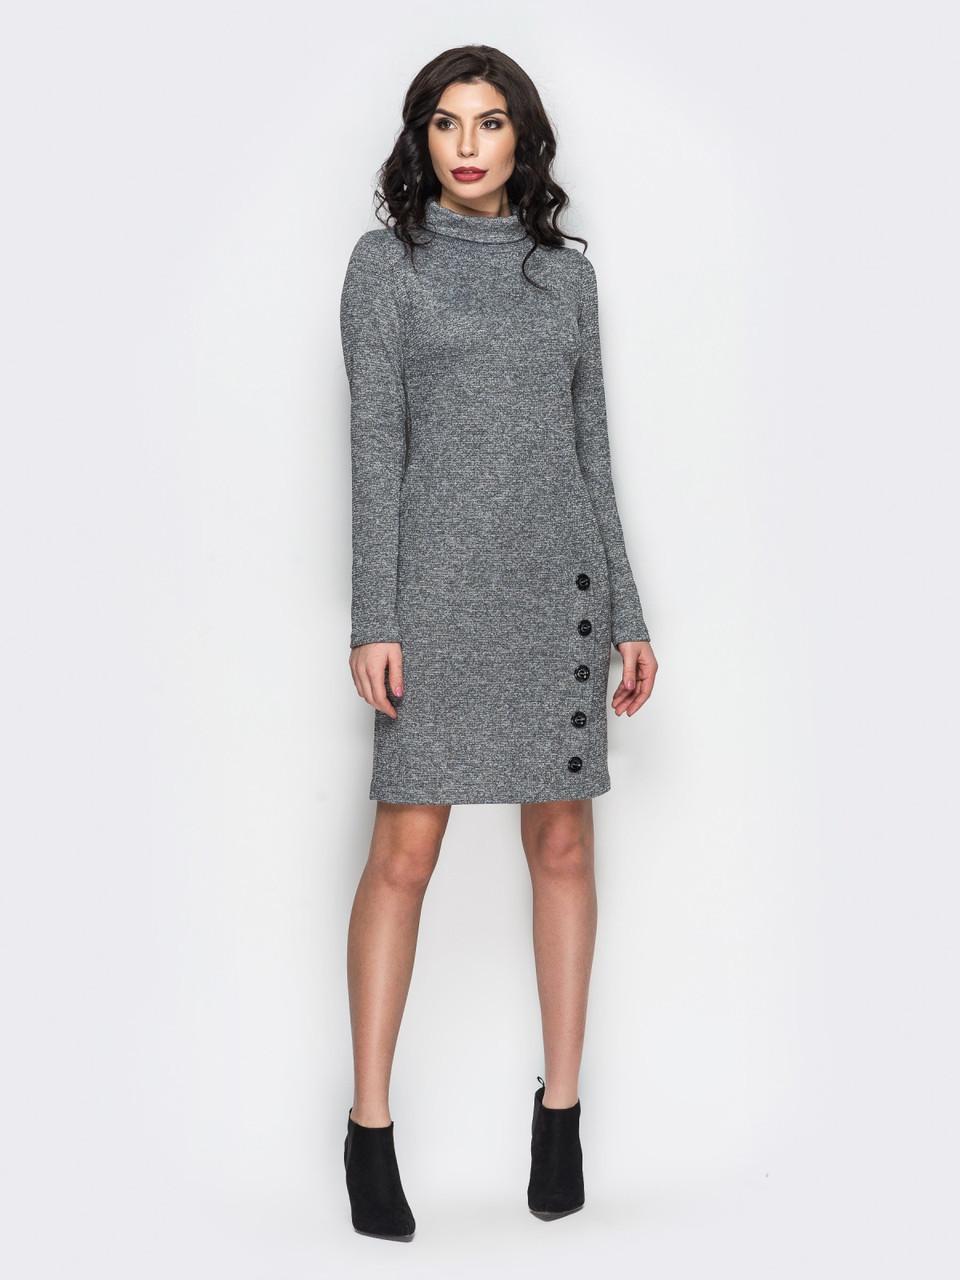 69f17730510 👶Трикотажное платье под горло с люрексовой нитью (серое)   44